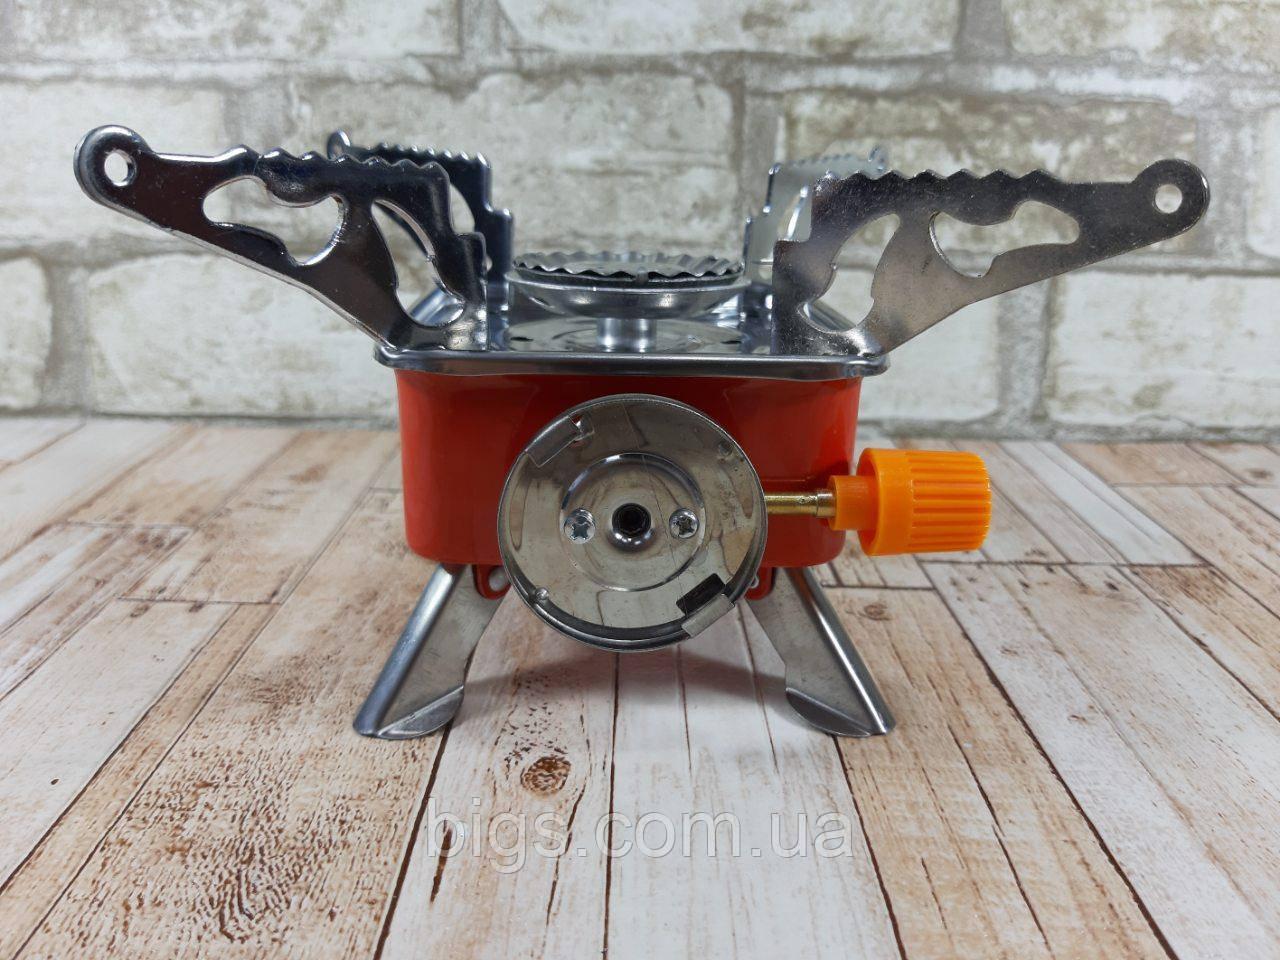 Портативная газовая горелка туристическая MA-100 ( газовая конфорка переносная )